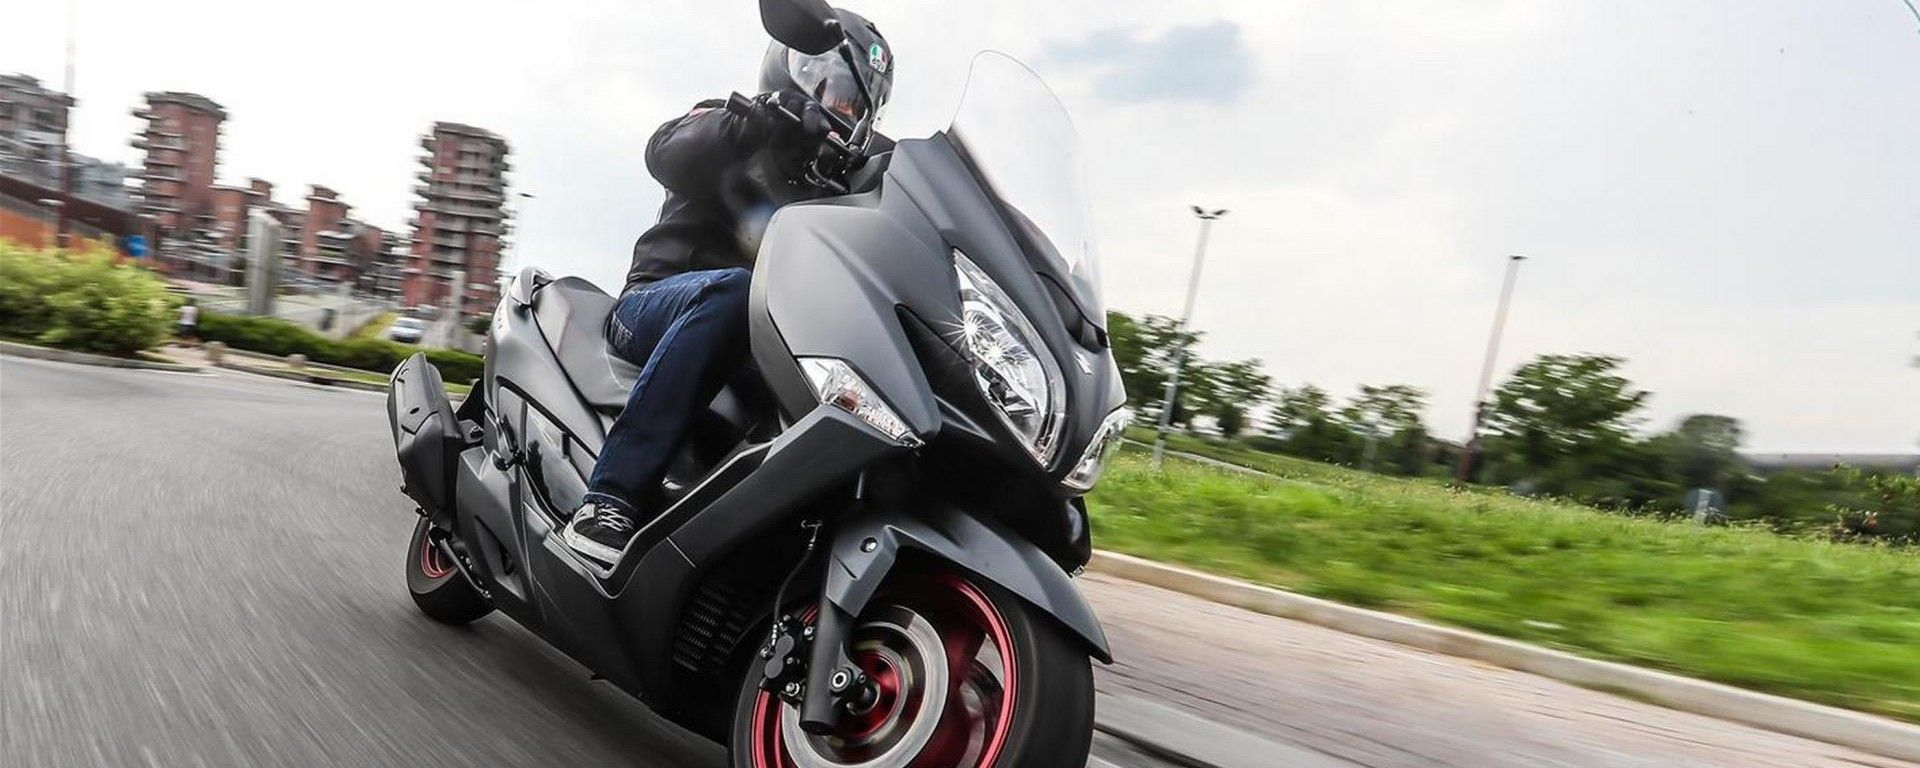 Suzuki: al via la promozione per il primo trimestre 2019